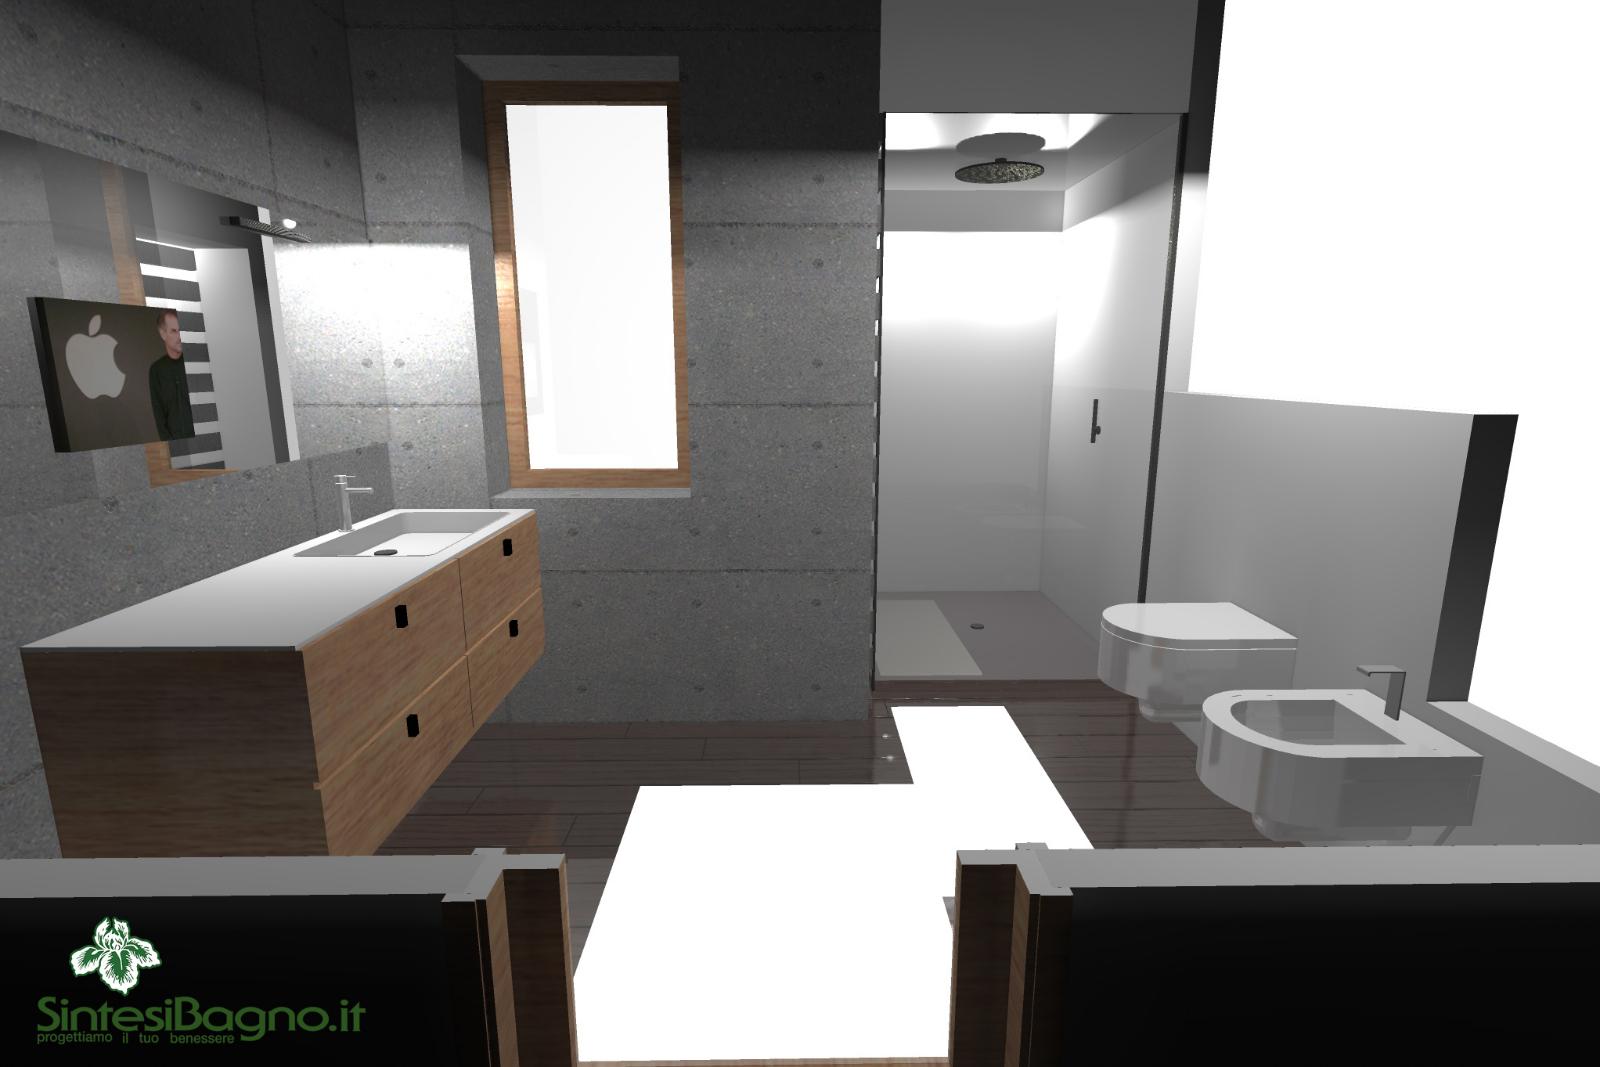 Vasca Da Bagno Novellini Vogue : Progetti arredobagno vasca da bagno novellini modello vogue